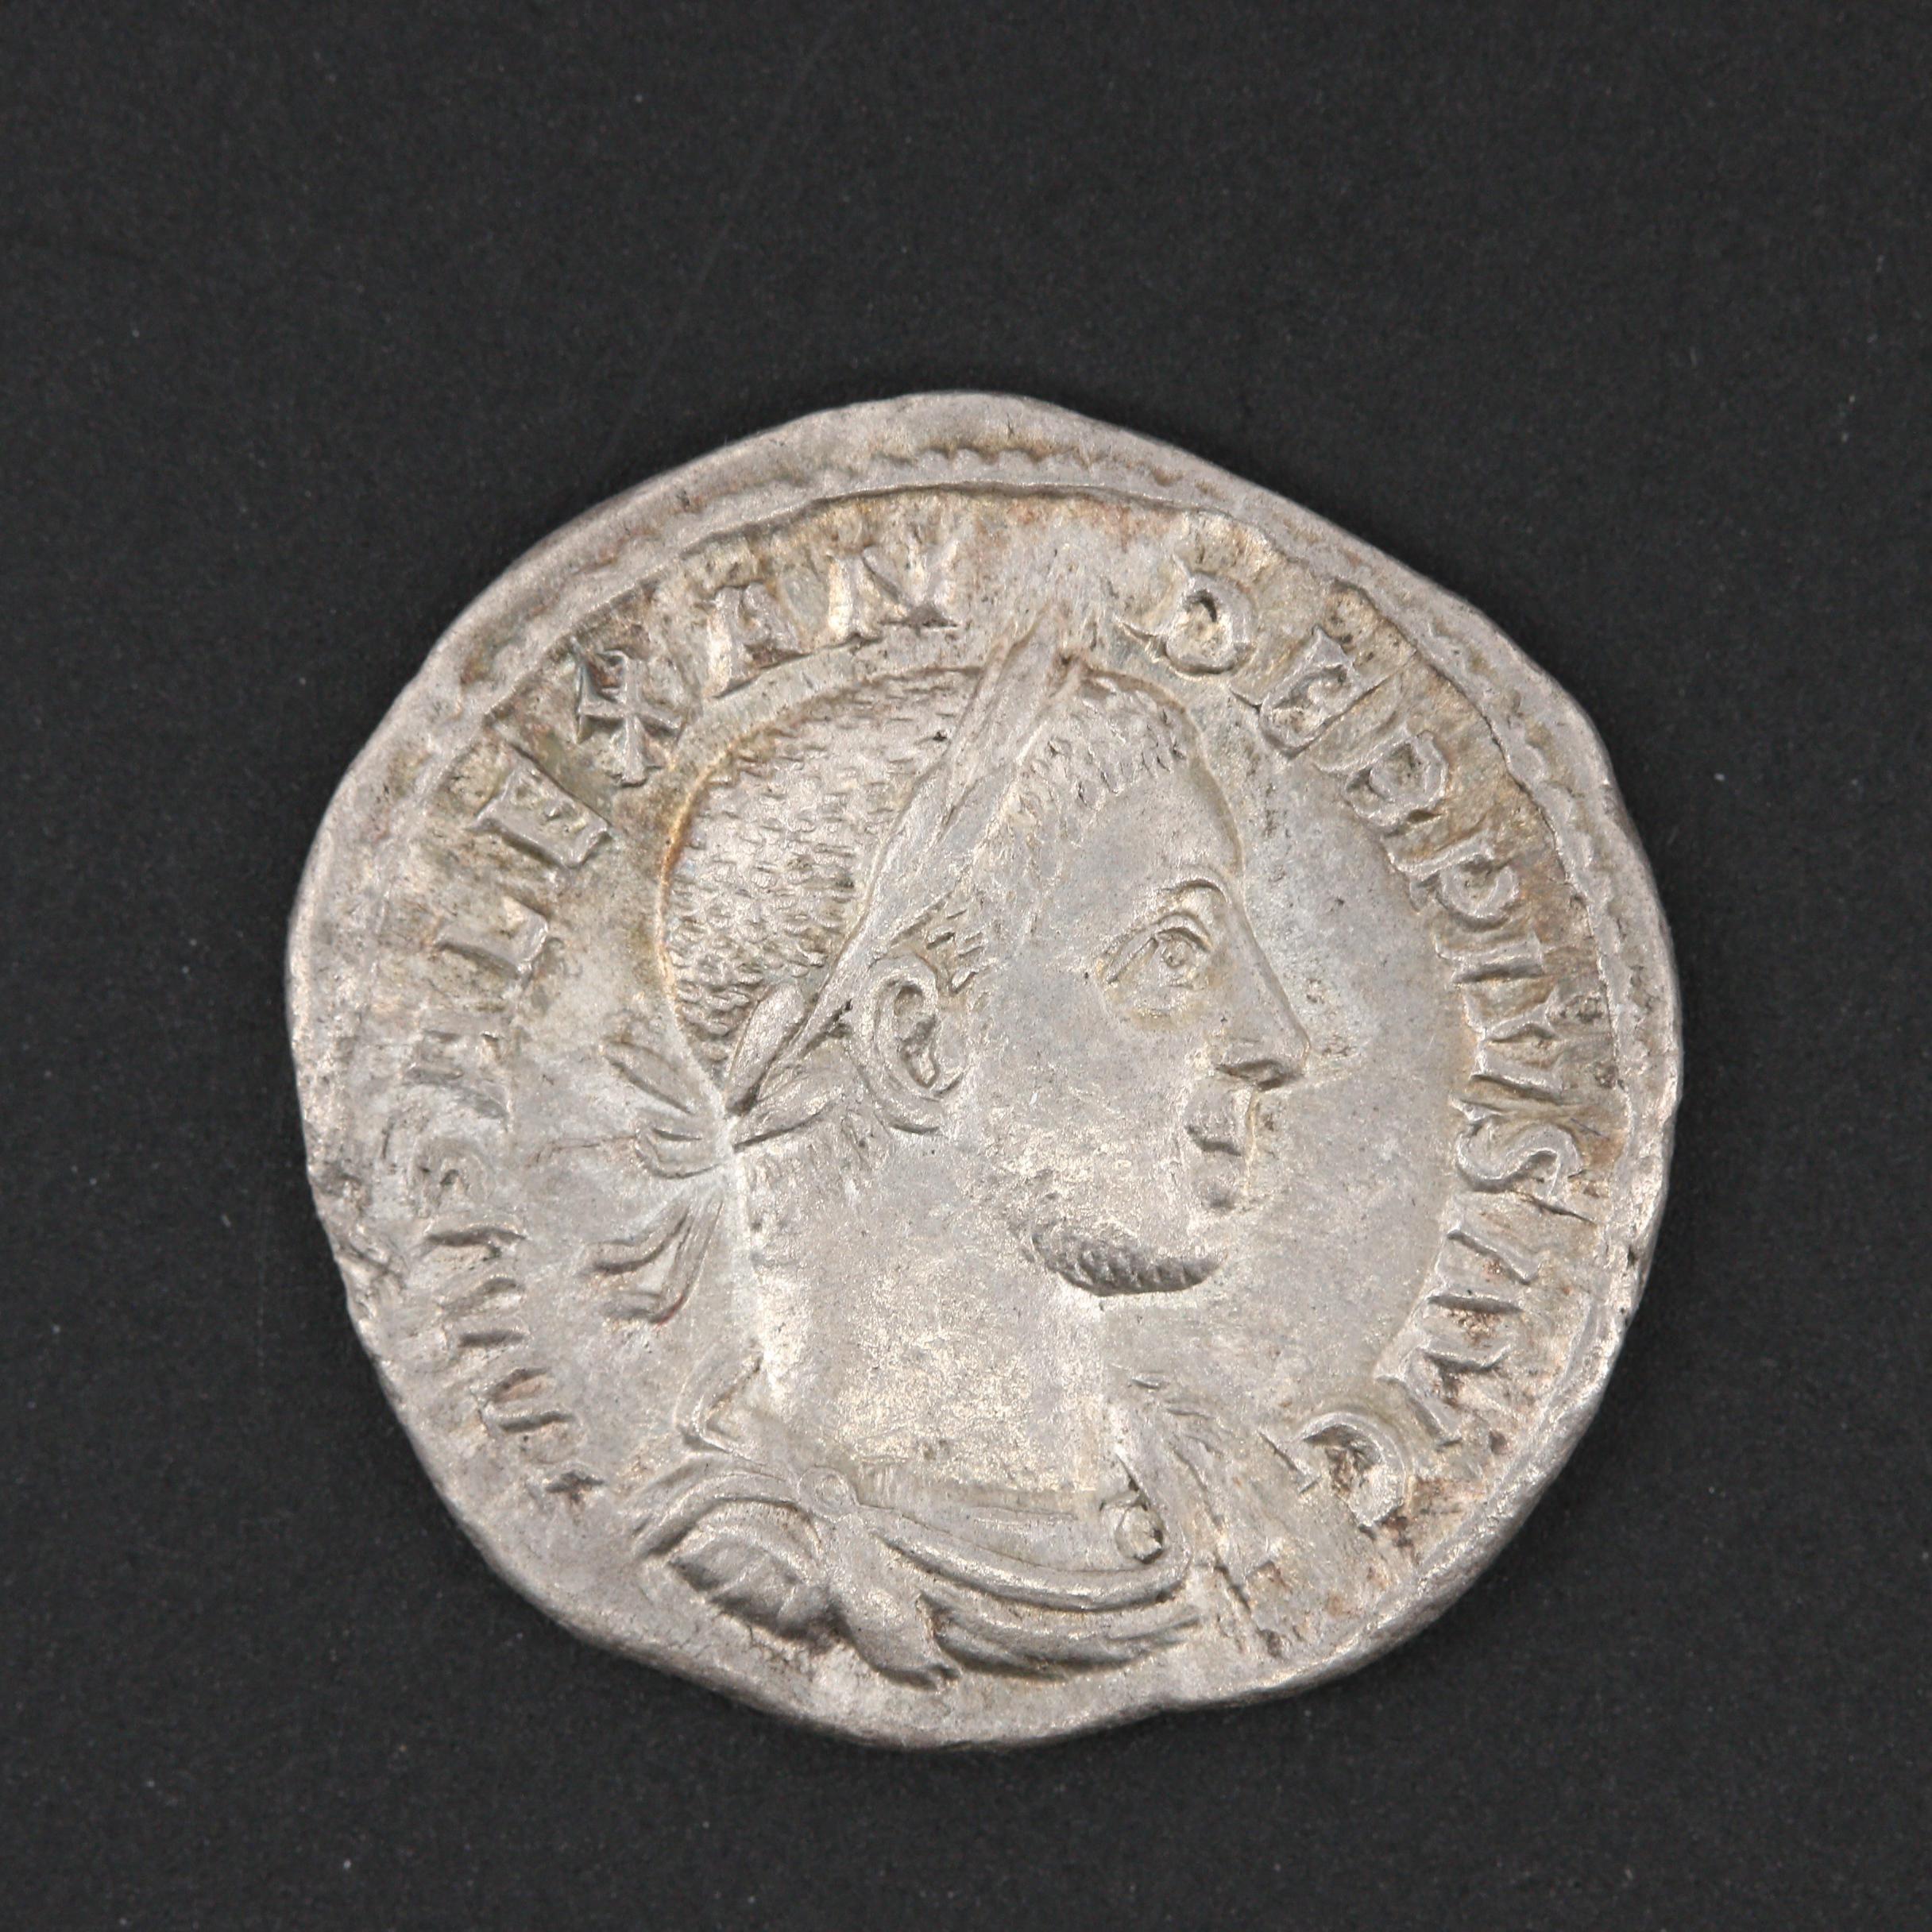 Ancient Roman Imperial Severus Alexander AR Denarius, ca. 232 A.D.